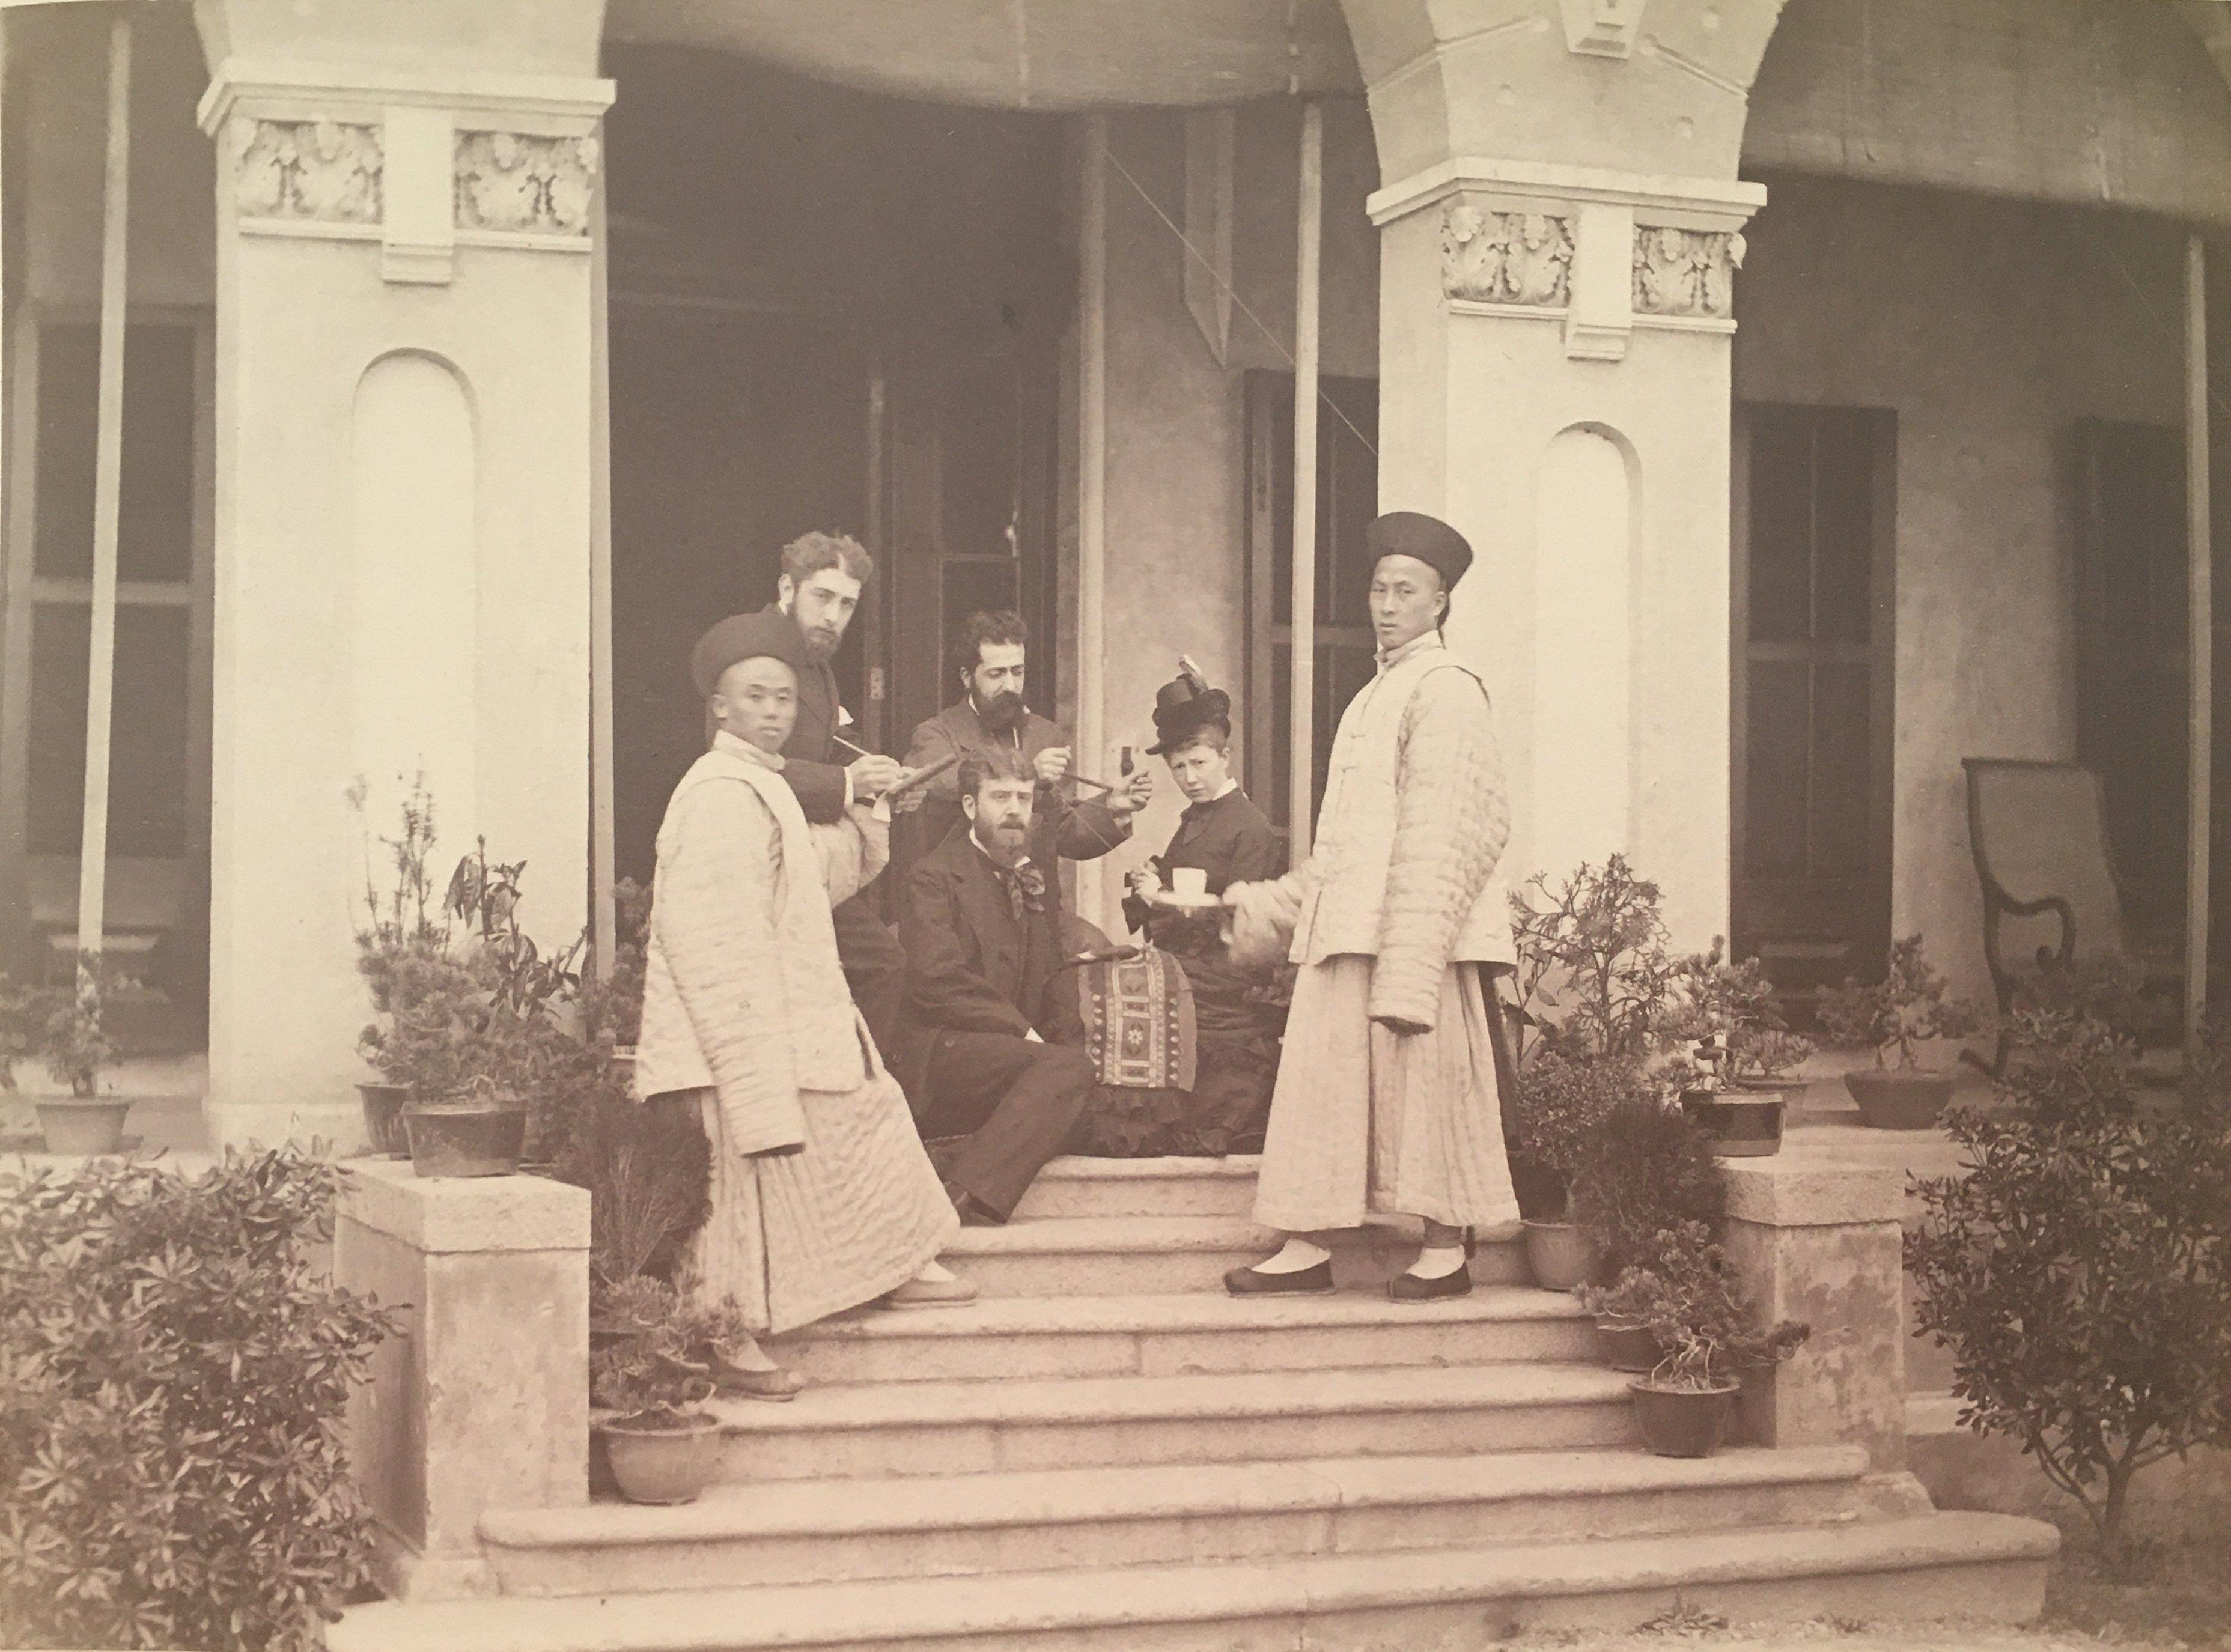 西班牙外交官们在西班牙驻上海领事馆(约1876年) ,收藏于阿拉贡文件和档案馆的瓦尔德奥利沃斯·德·冯茨男爵档案。照片中间是阿加西诺和他的妻子玛丽亚·路易莎·塞拉诺。阿加西诺于1866年至1868年作为青年语言学家访问中国,后于1874年赴西班牙驻北京大使馆任职。